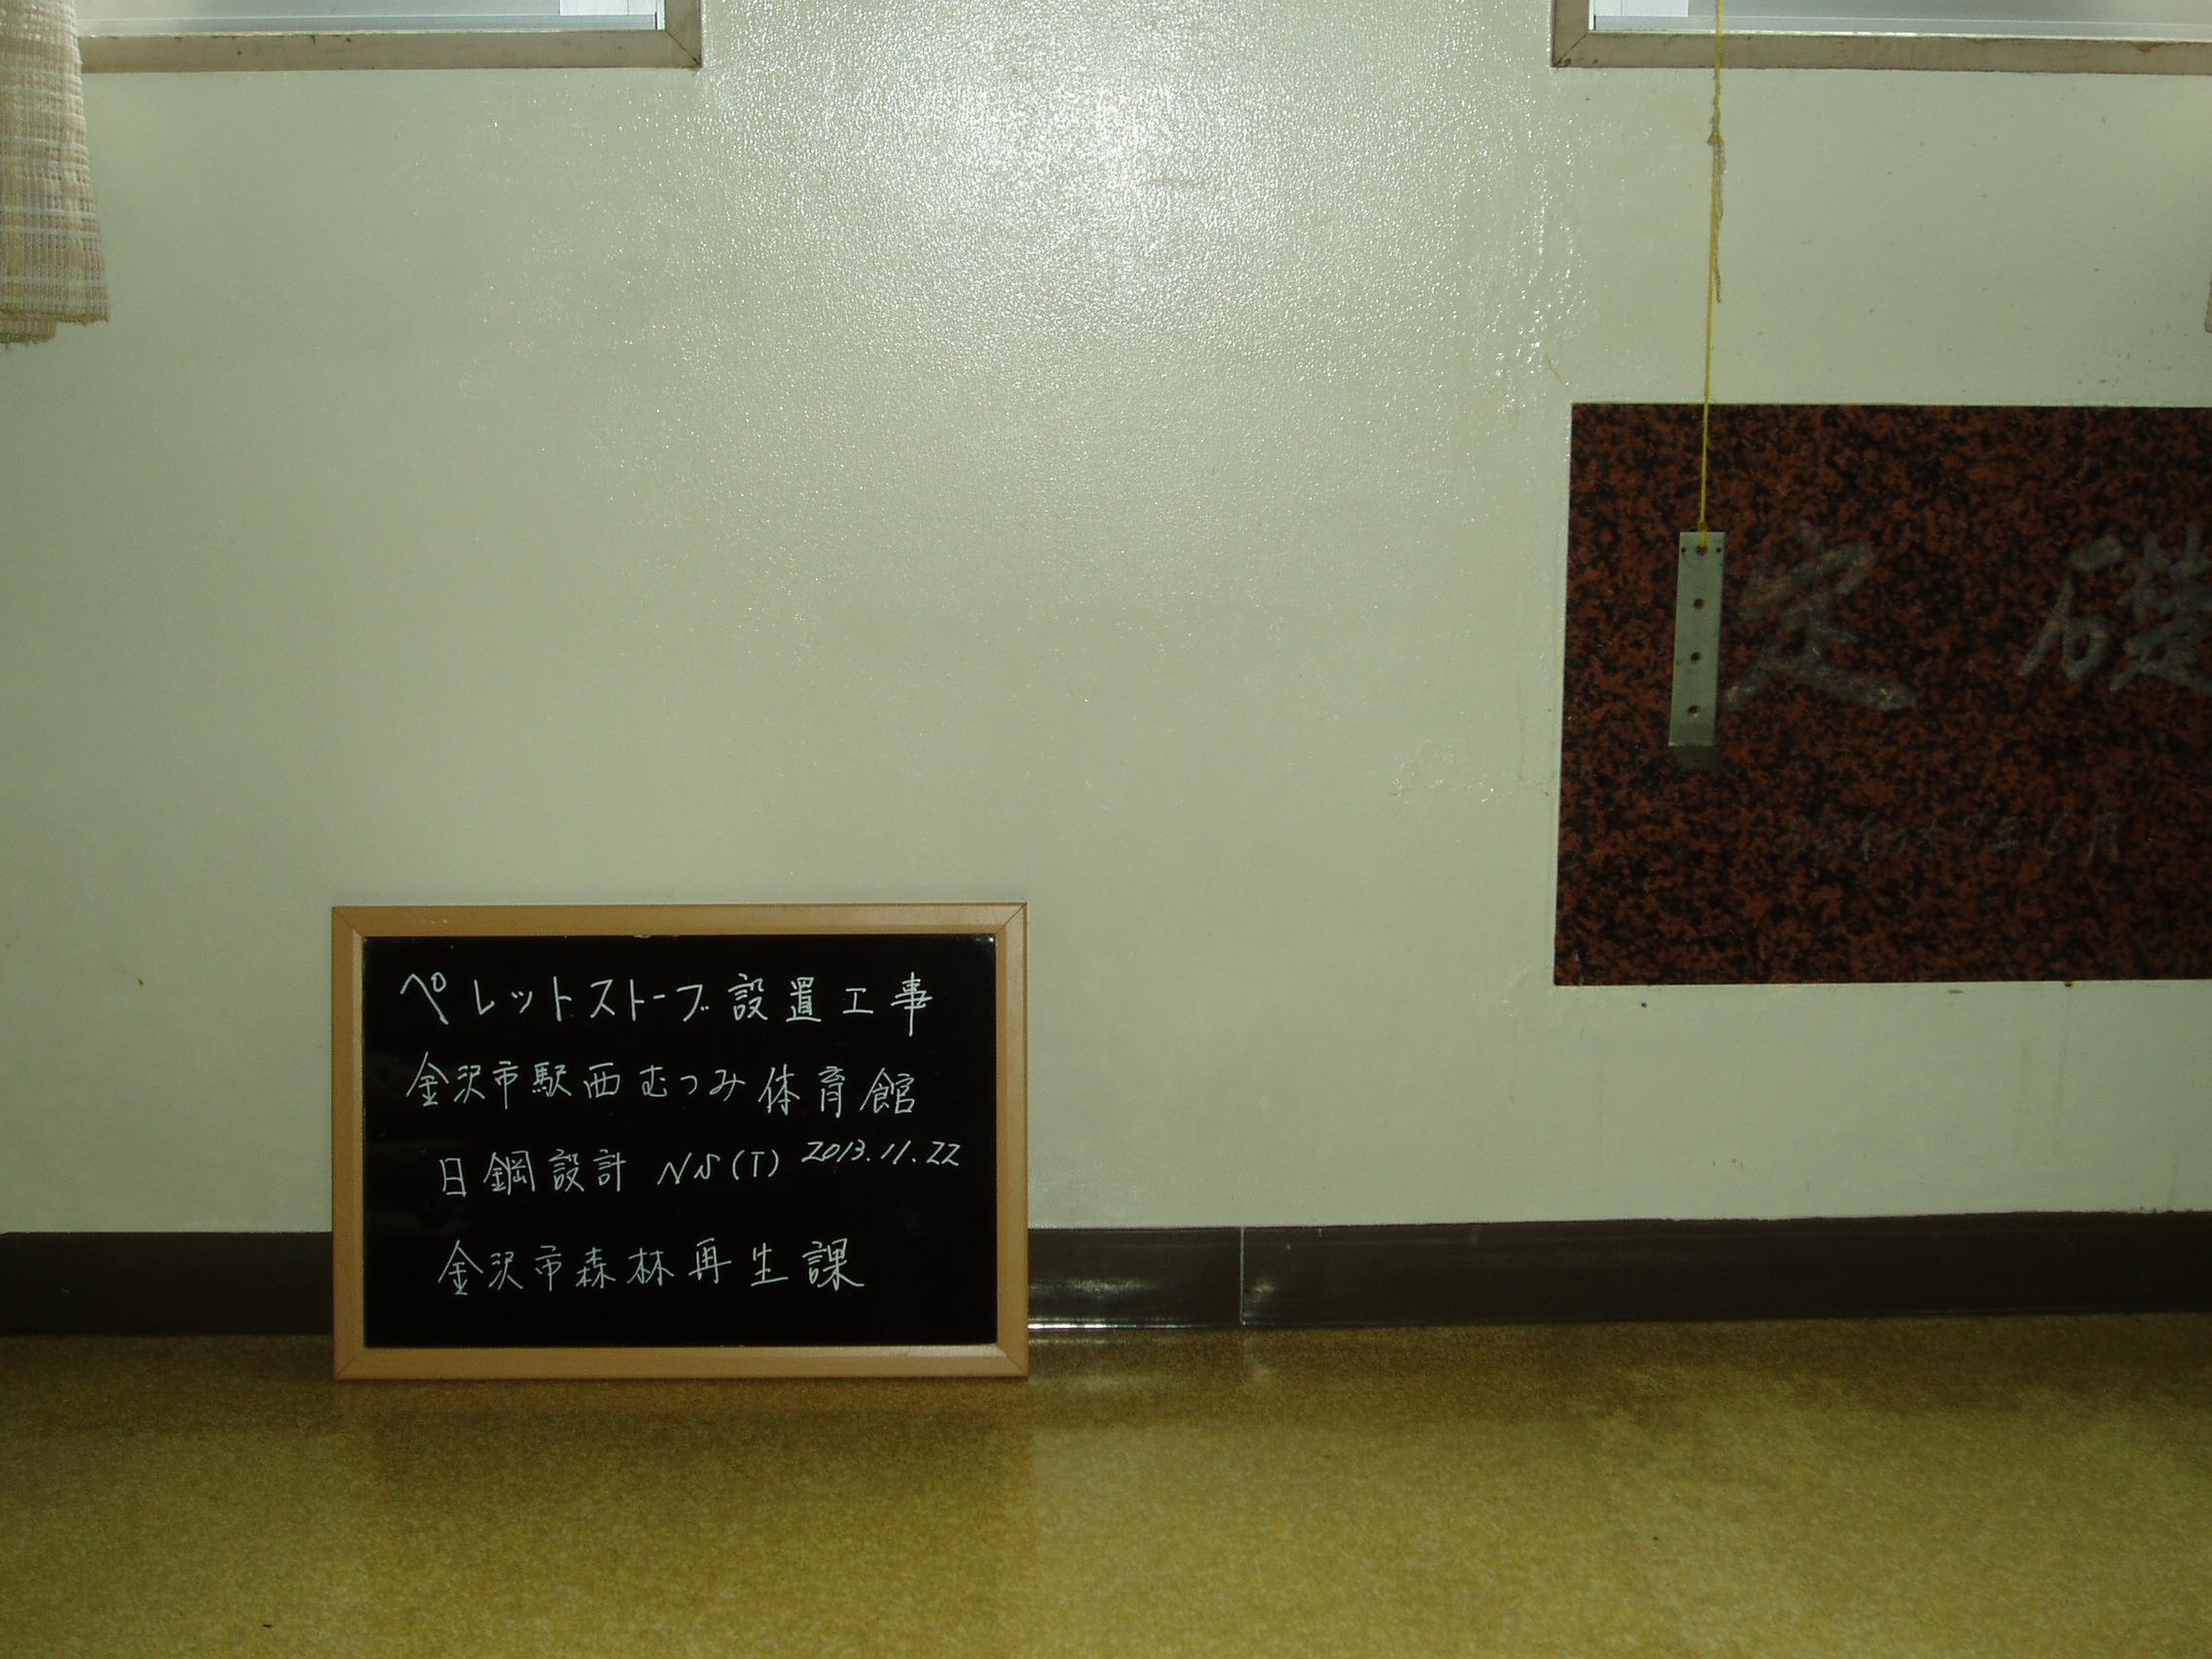 金沢駅西むつみ体育館にペレットストーブを設置しました。2